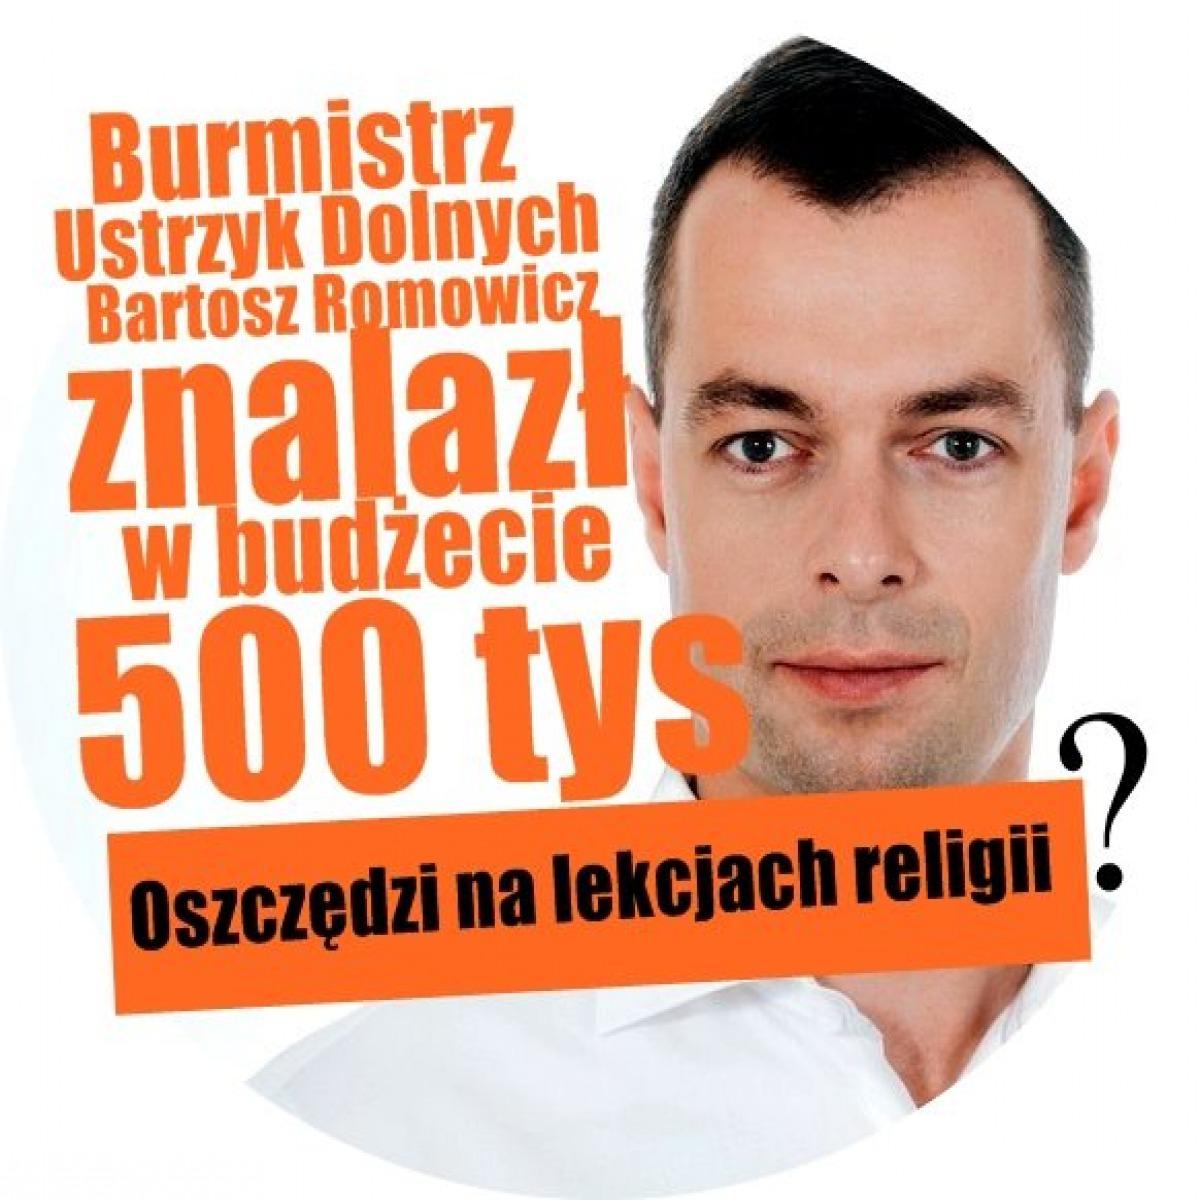 """""""Nie możesz powiedzieć tego głośno bo Cię zlinczują"""" - A jednak powiedział i poszło na całą Polskę! [WYWIAD] - Zdjęcie główne"""